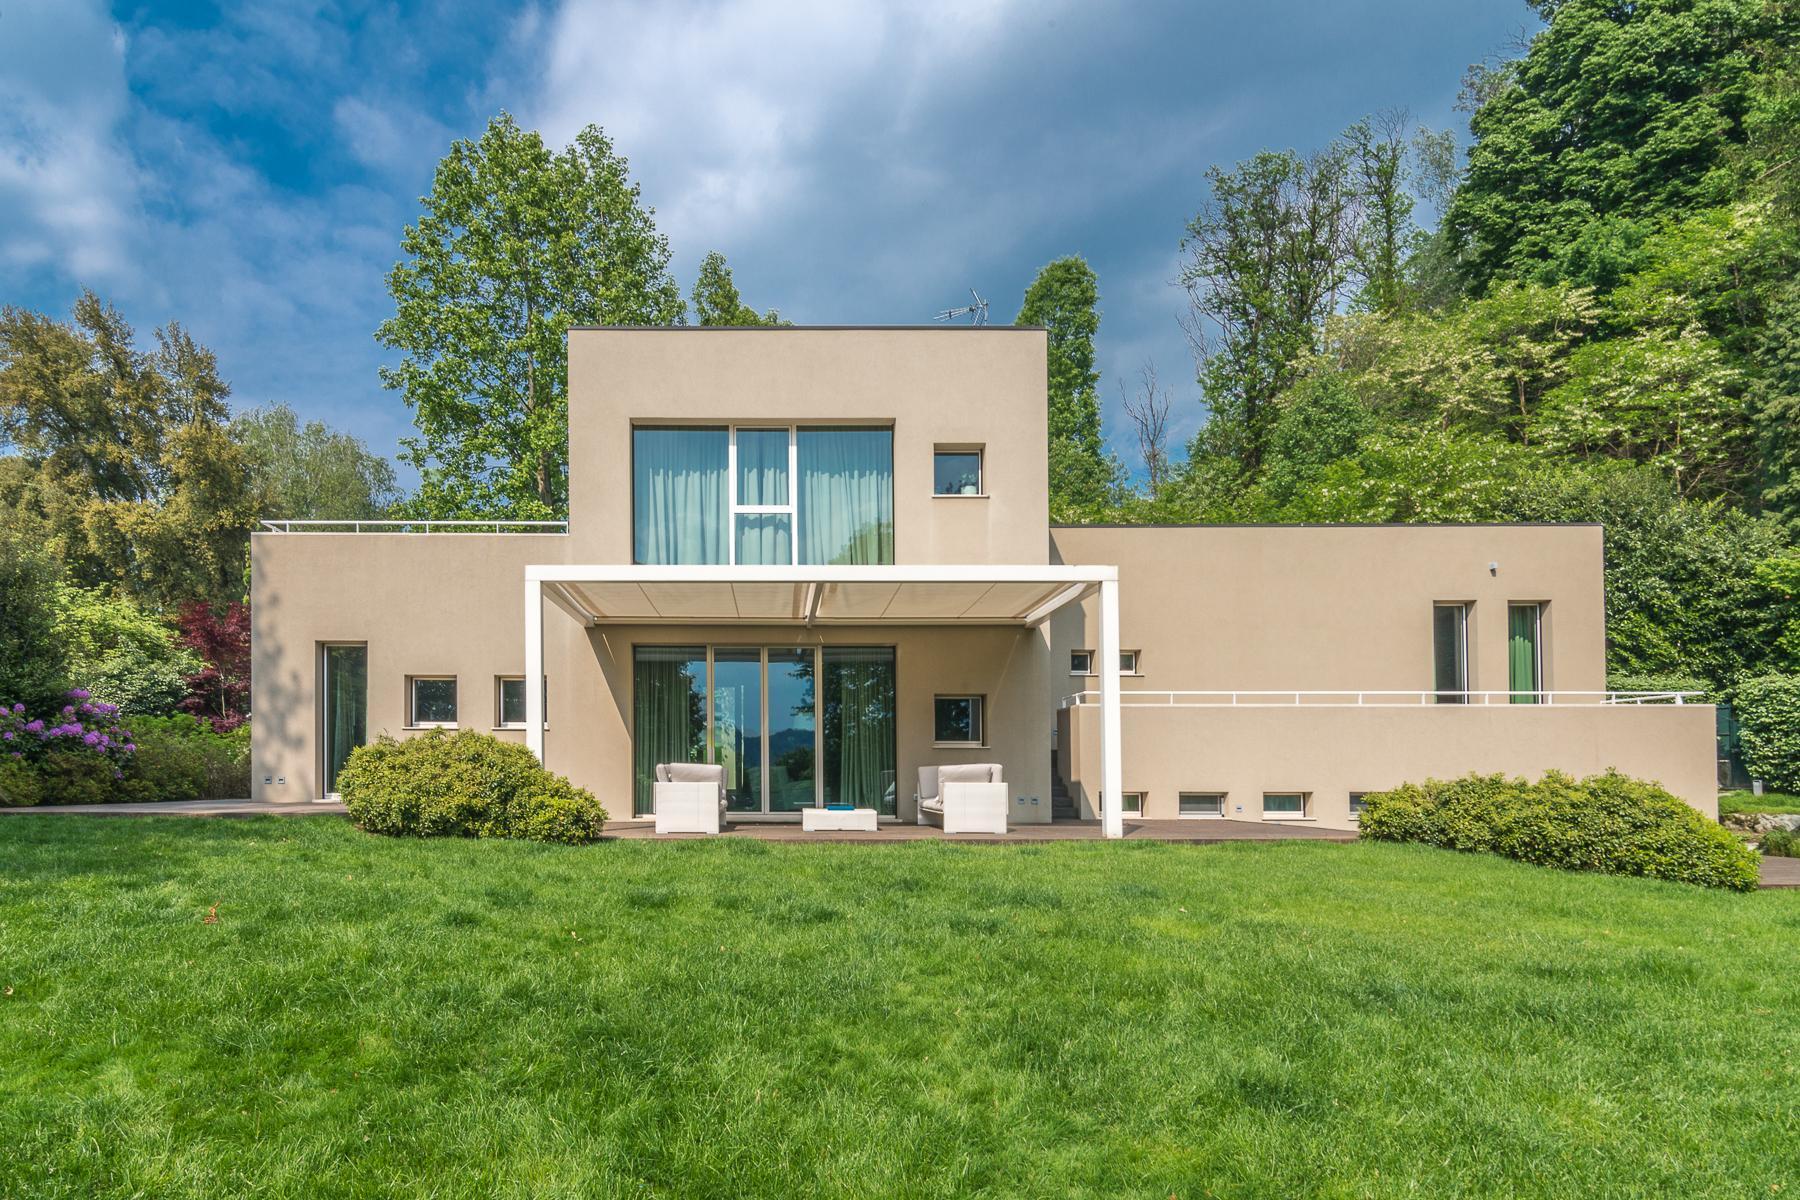 Villa di design eco sostenibile sul Lago Maggiore - 1